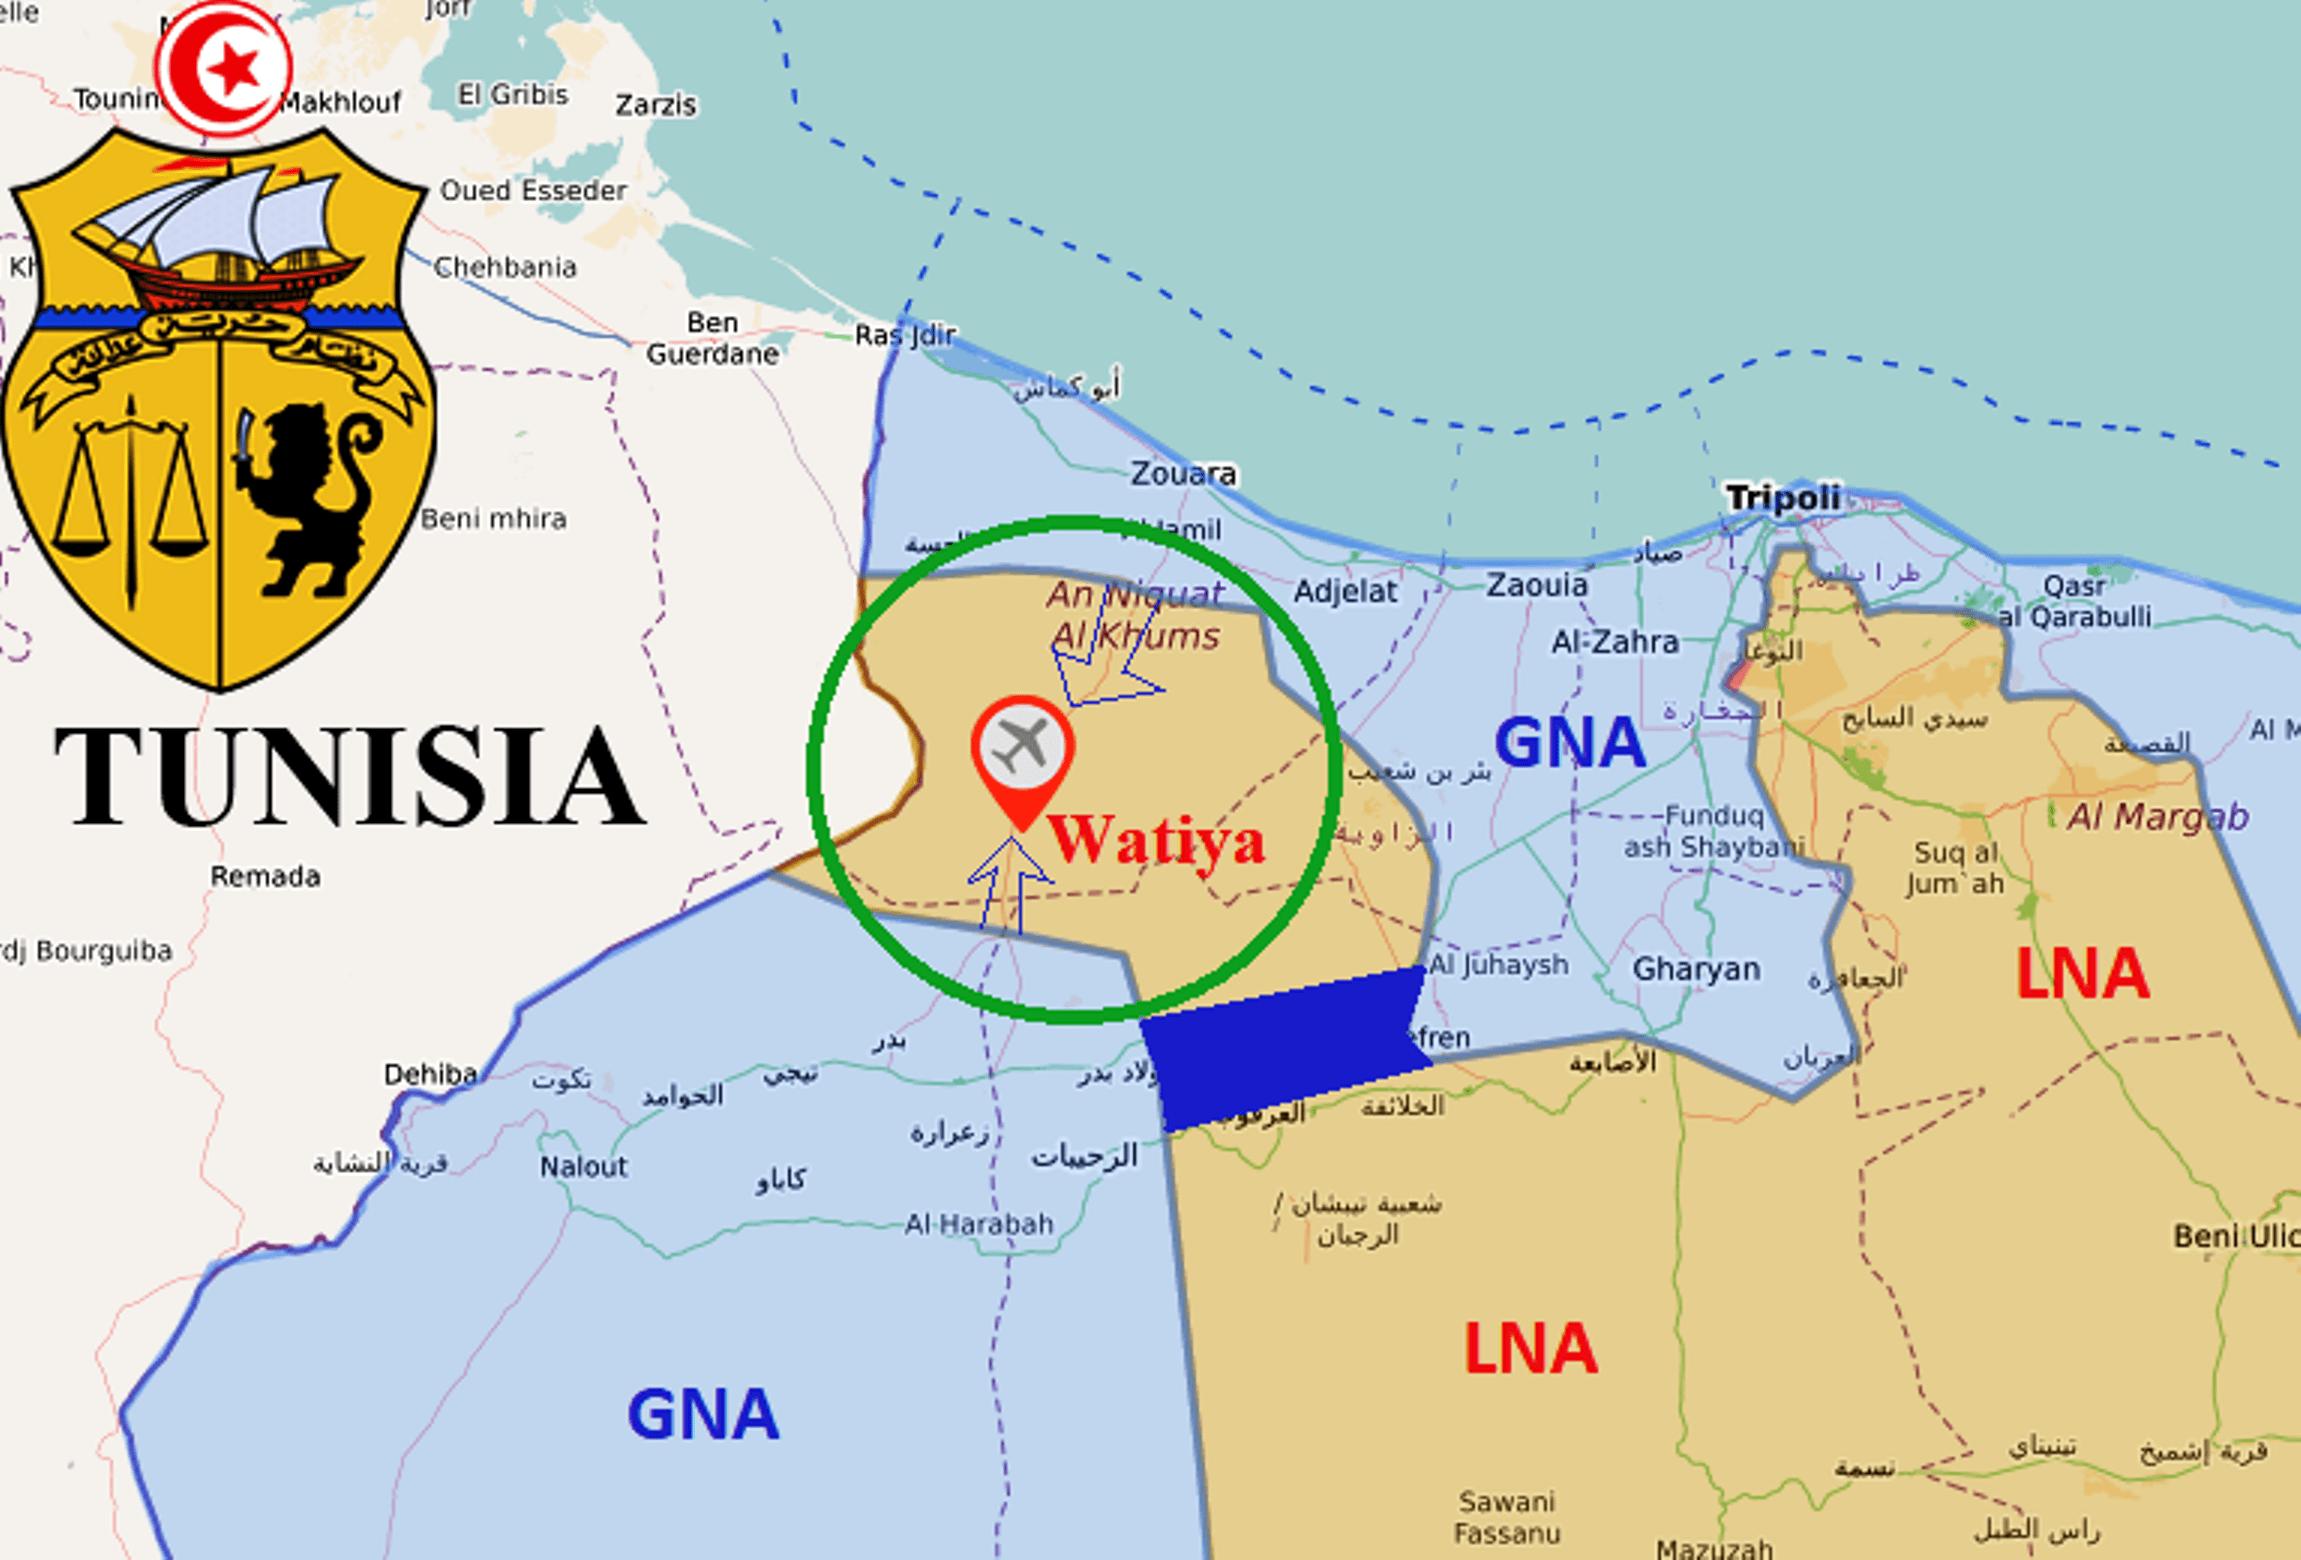 Στη Λιβύη, ο Ερντογάν χτυπήθηκε στον καρπό.θα ακολουθήσουν και άλλα χτυπήματα;